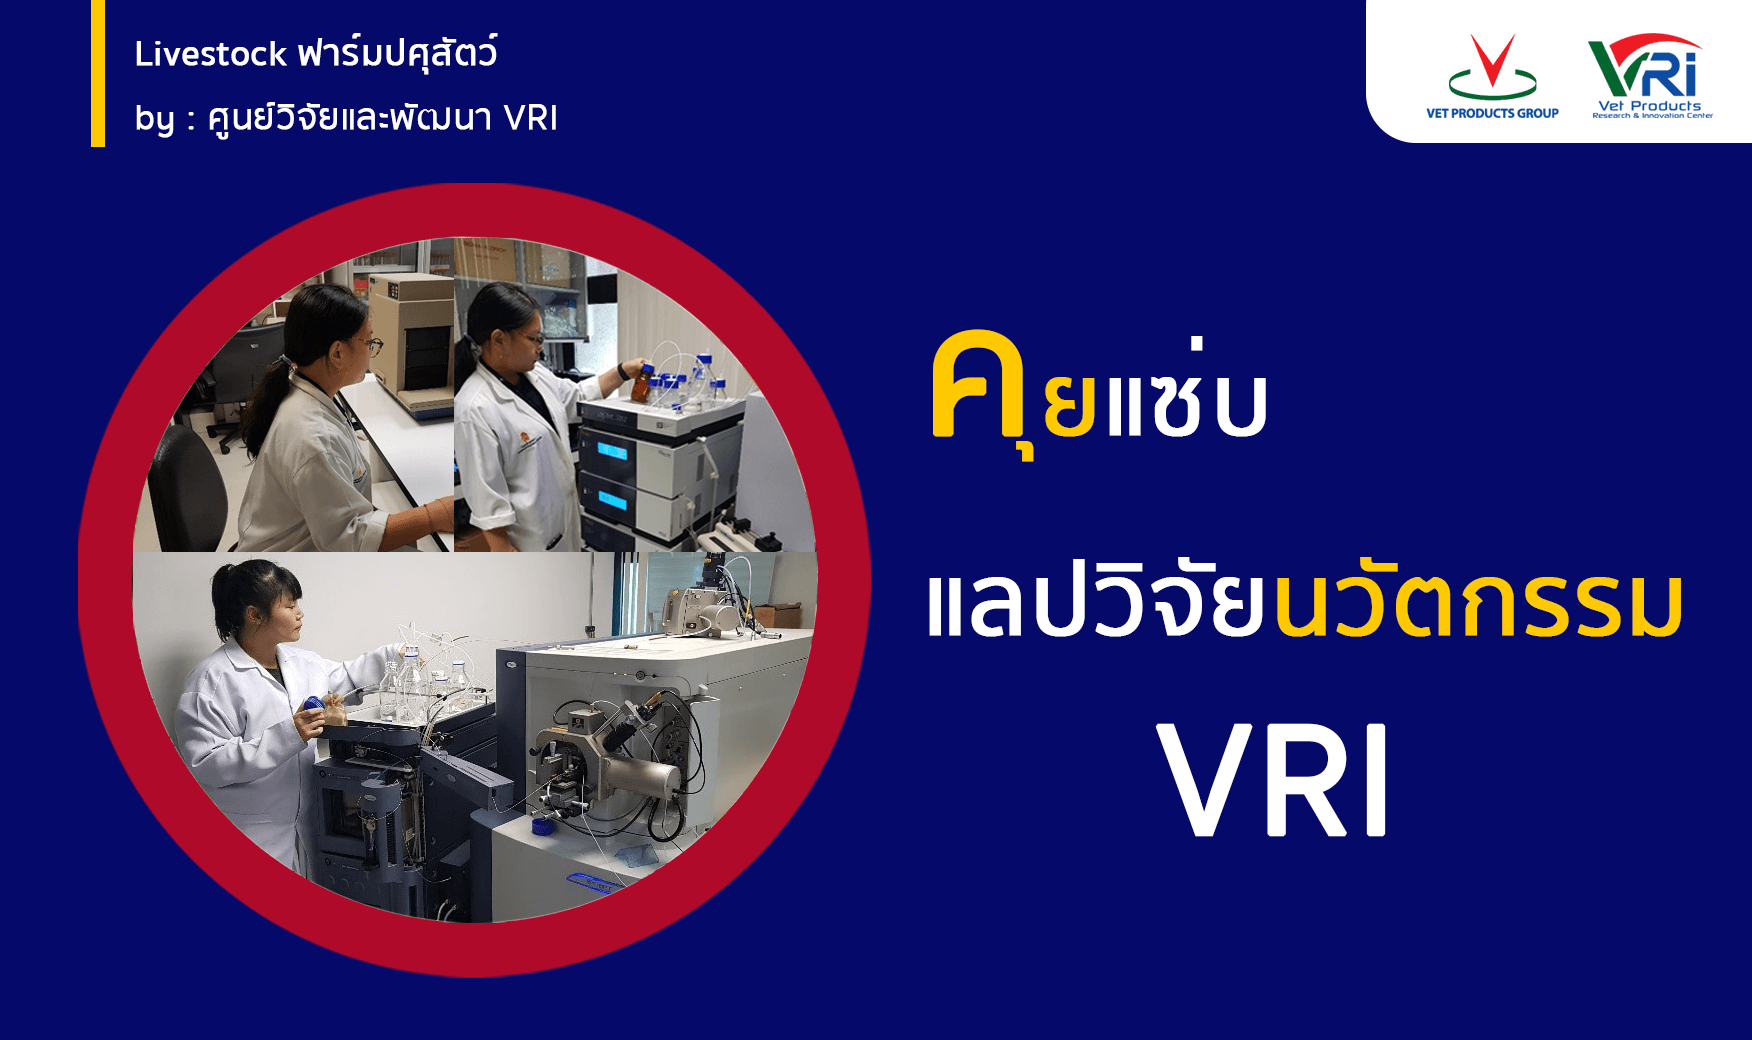 คุยแซ่บ แลปวิจัยนวัตกรรม VRI By: ศูนย์วิจัยและพัฒนาVRI